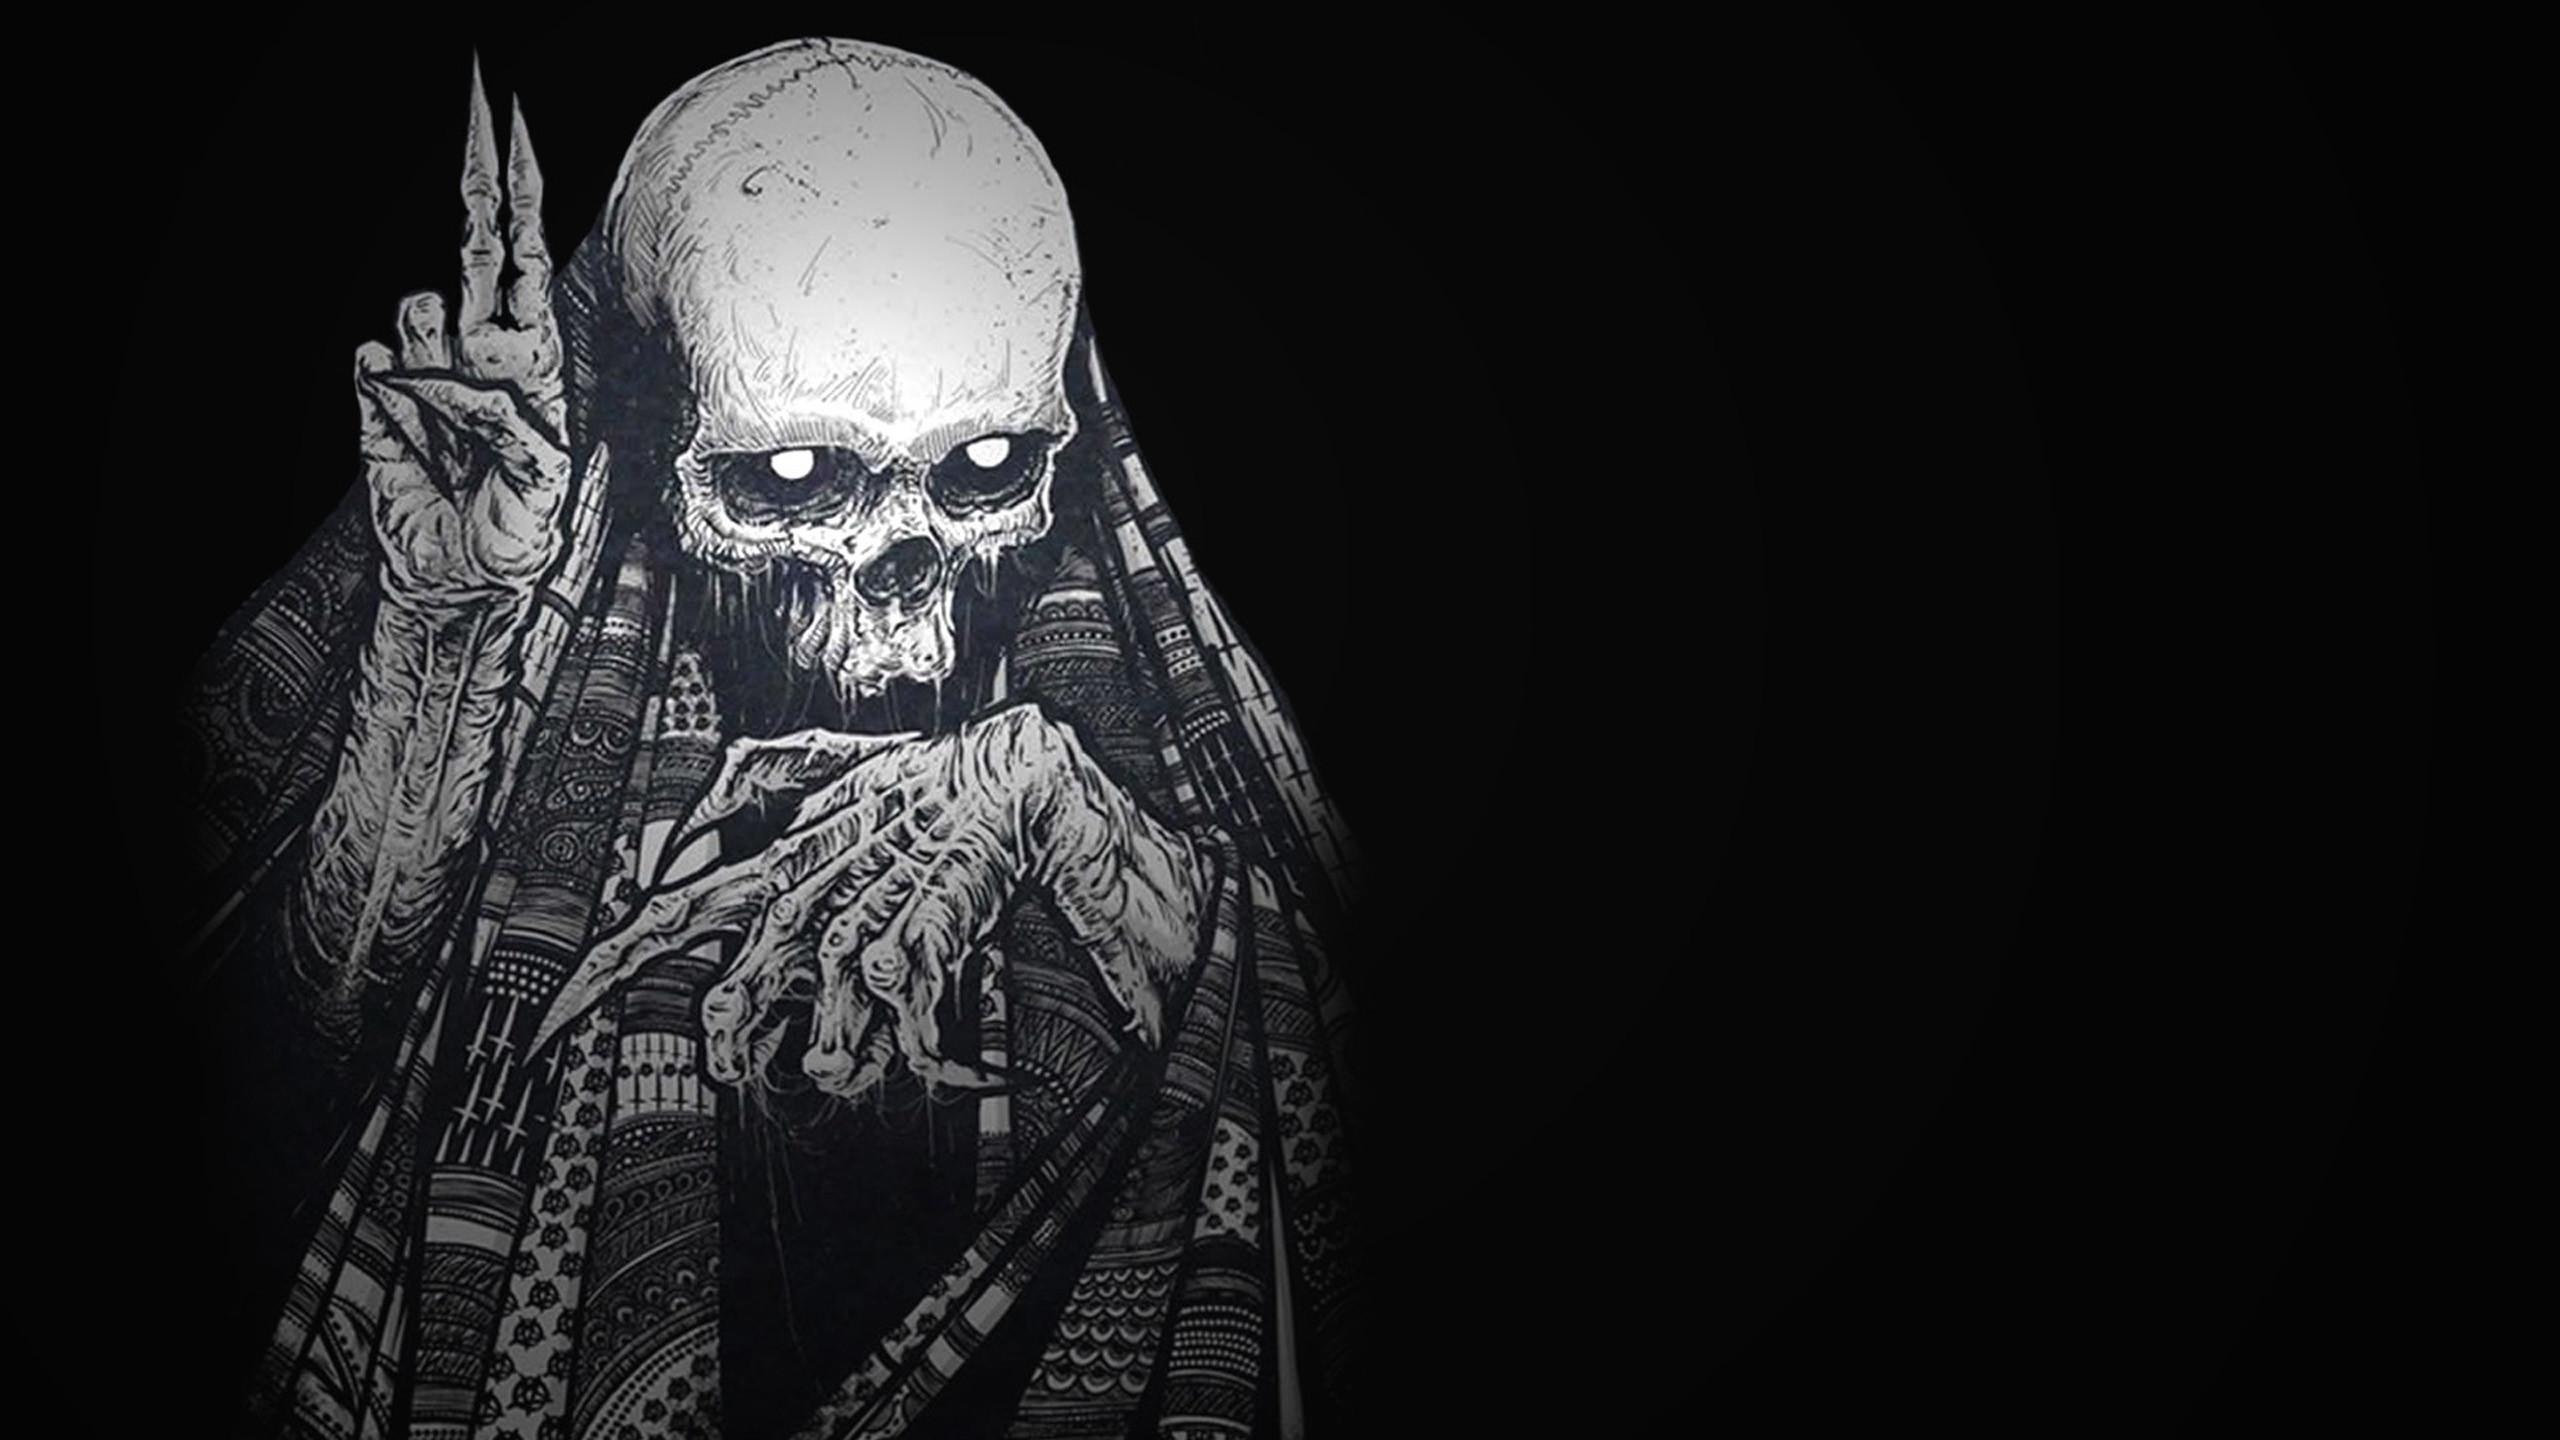 2560x1440 2560x1440 Black Skull HD desktop wallpaper : High Definition : Fullscreen 1366×768 Skull